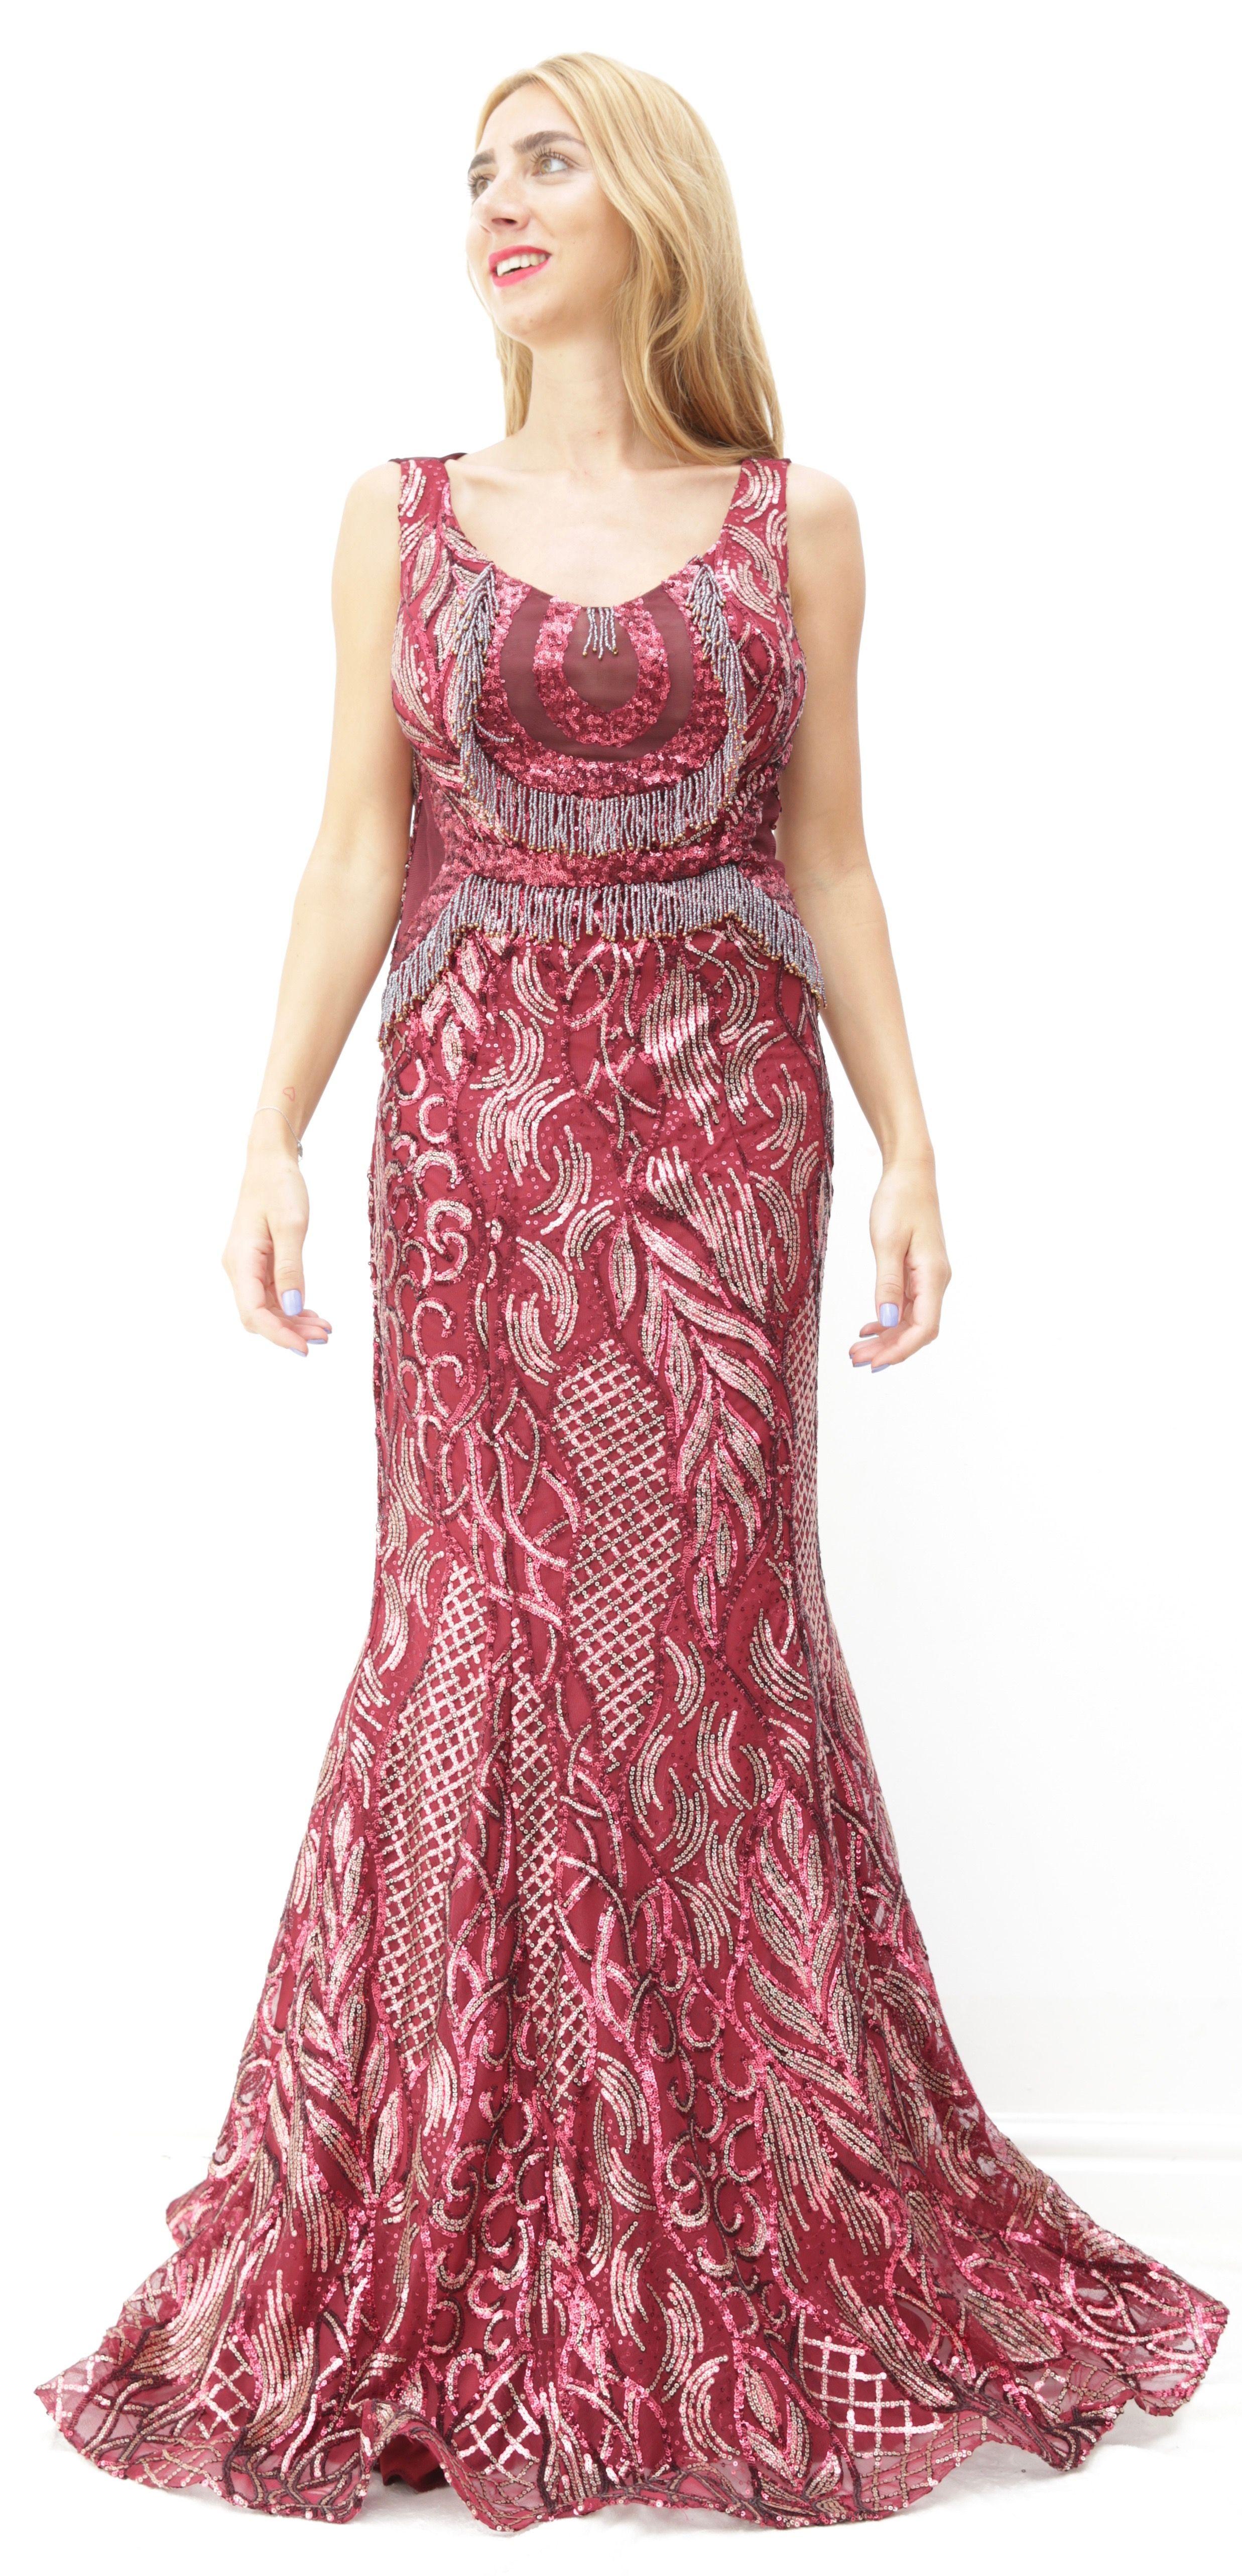 65beee10ab3 Sortez la femme glamour et chic en vous avec cette robe bordeaux à sequins  en forme